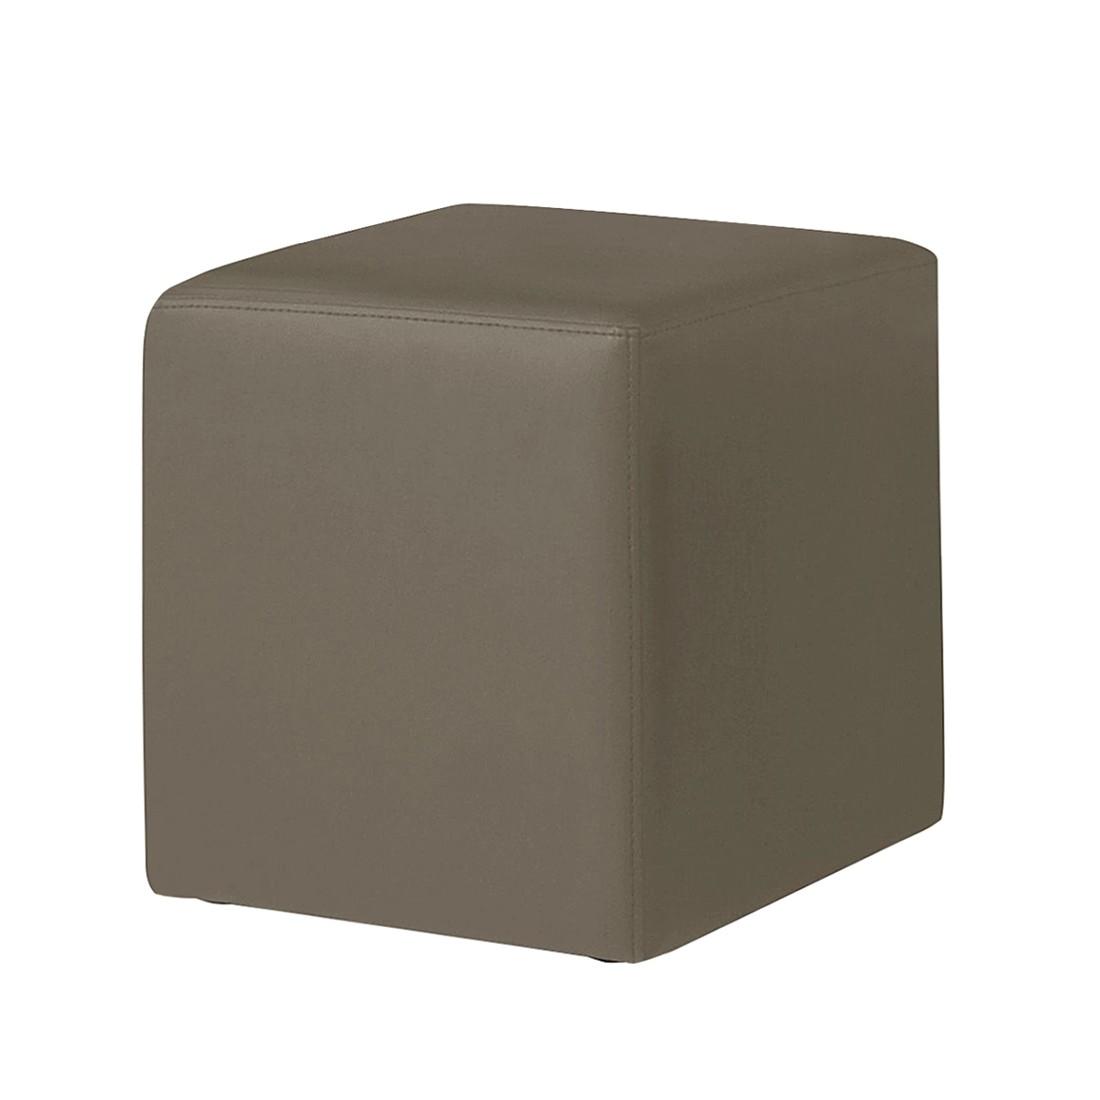 Gestoffeerde zitkubus Cube - kunstleer - donkerbruin, meise möbel